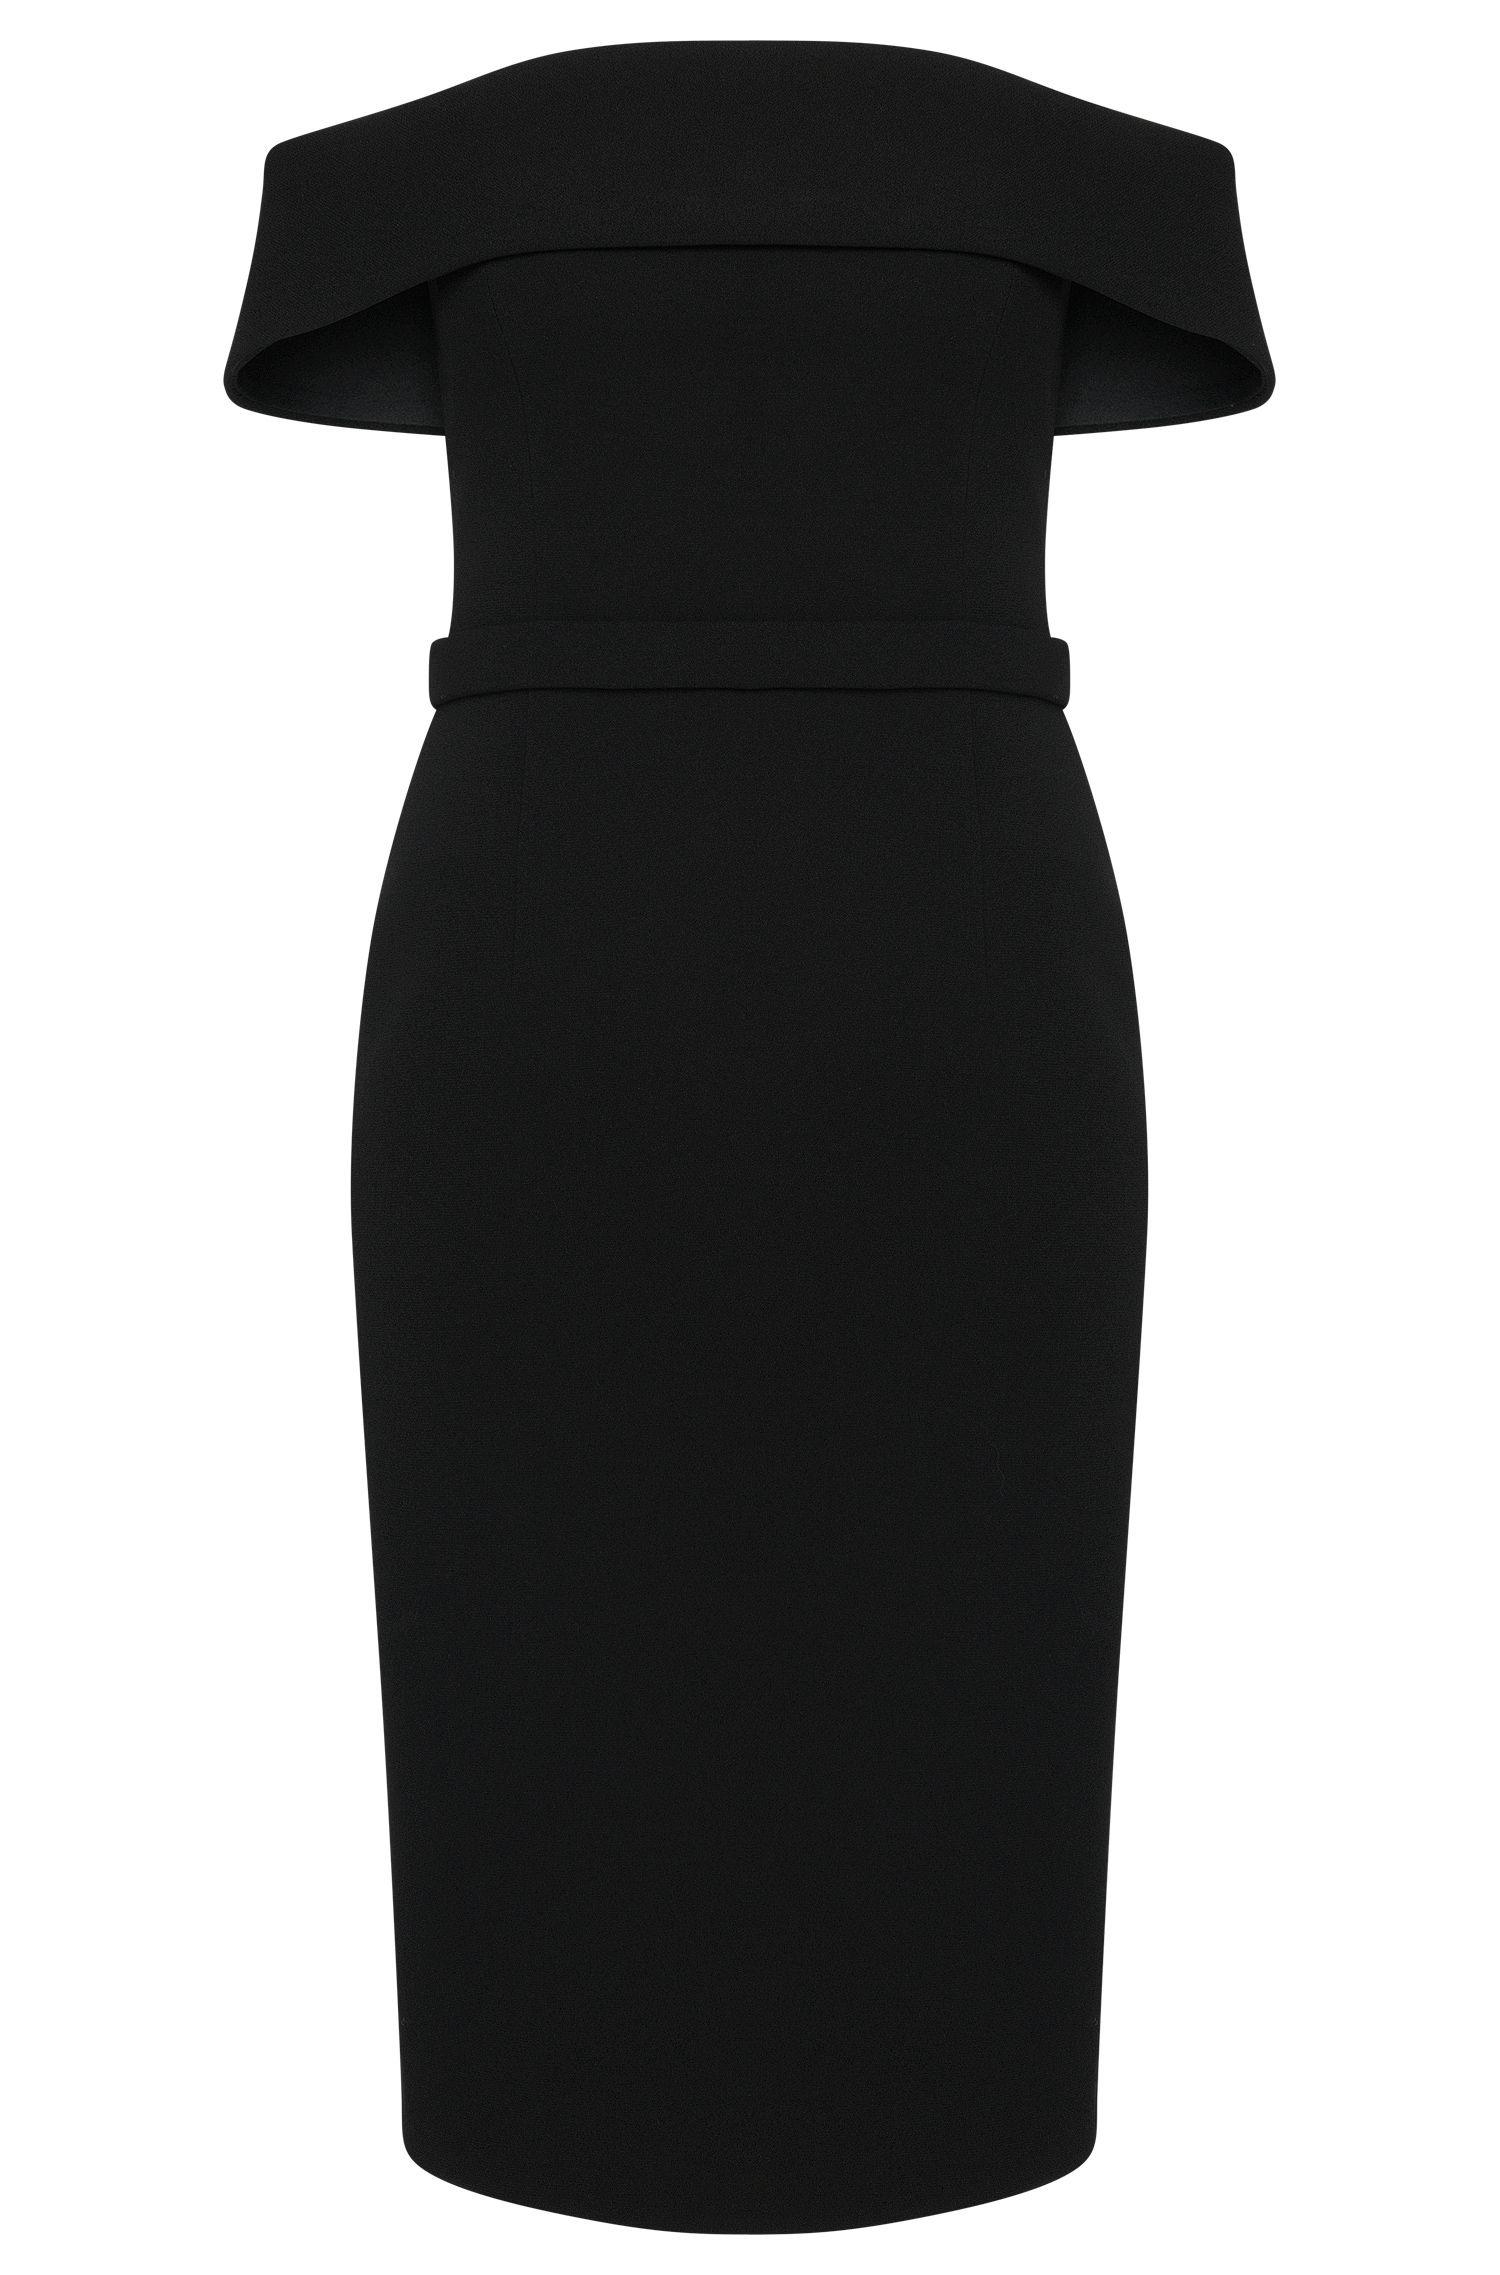 Bonded Crepe Off-The-Shoulder Column Dress | Diany